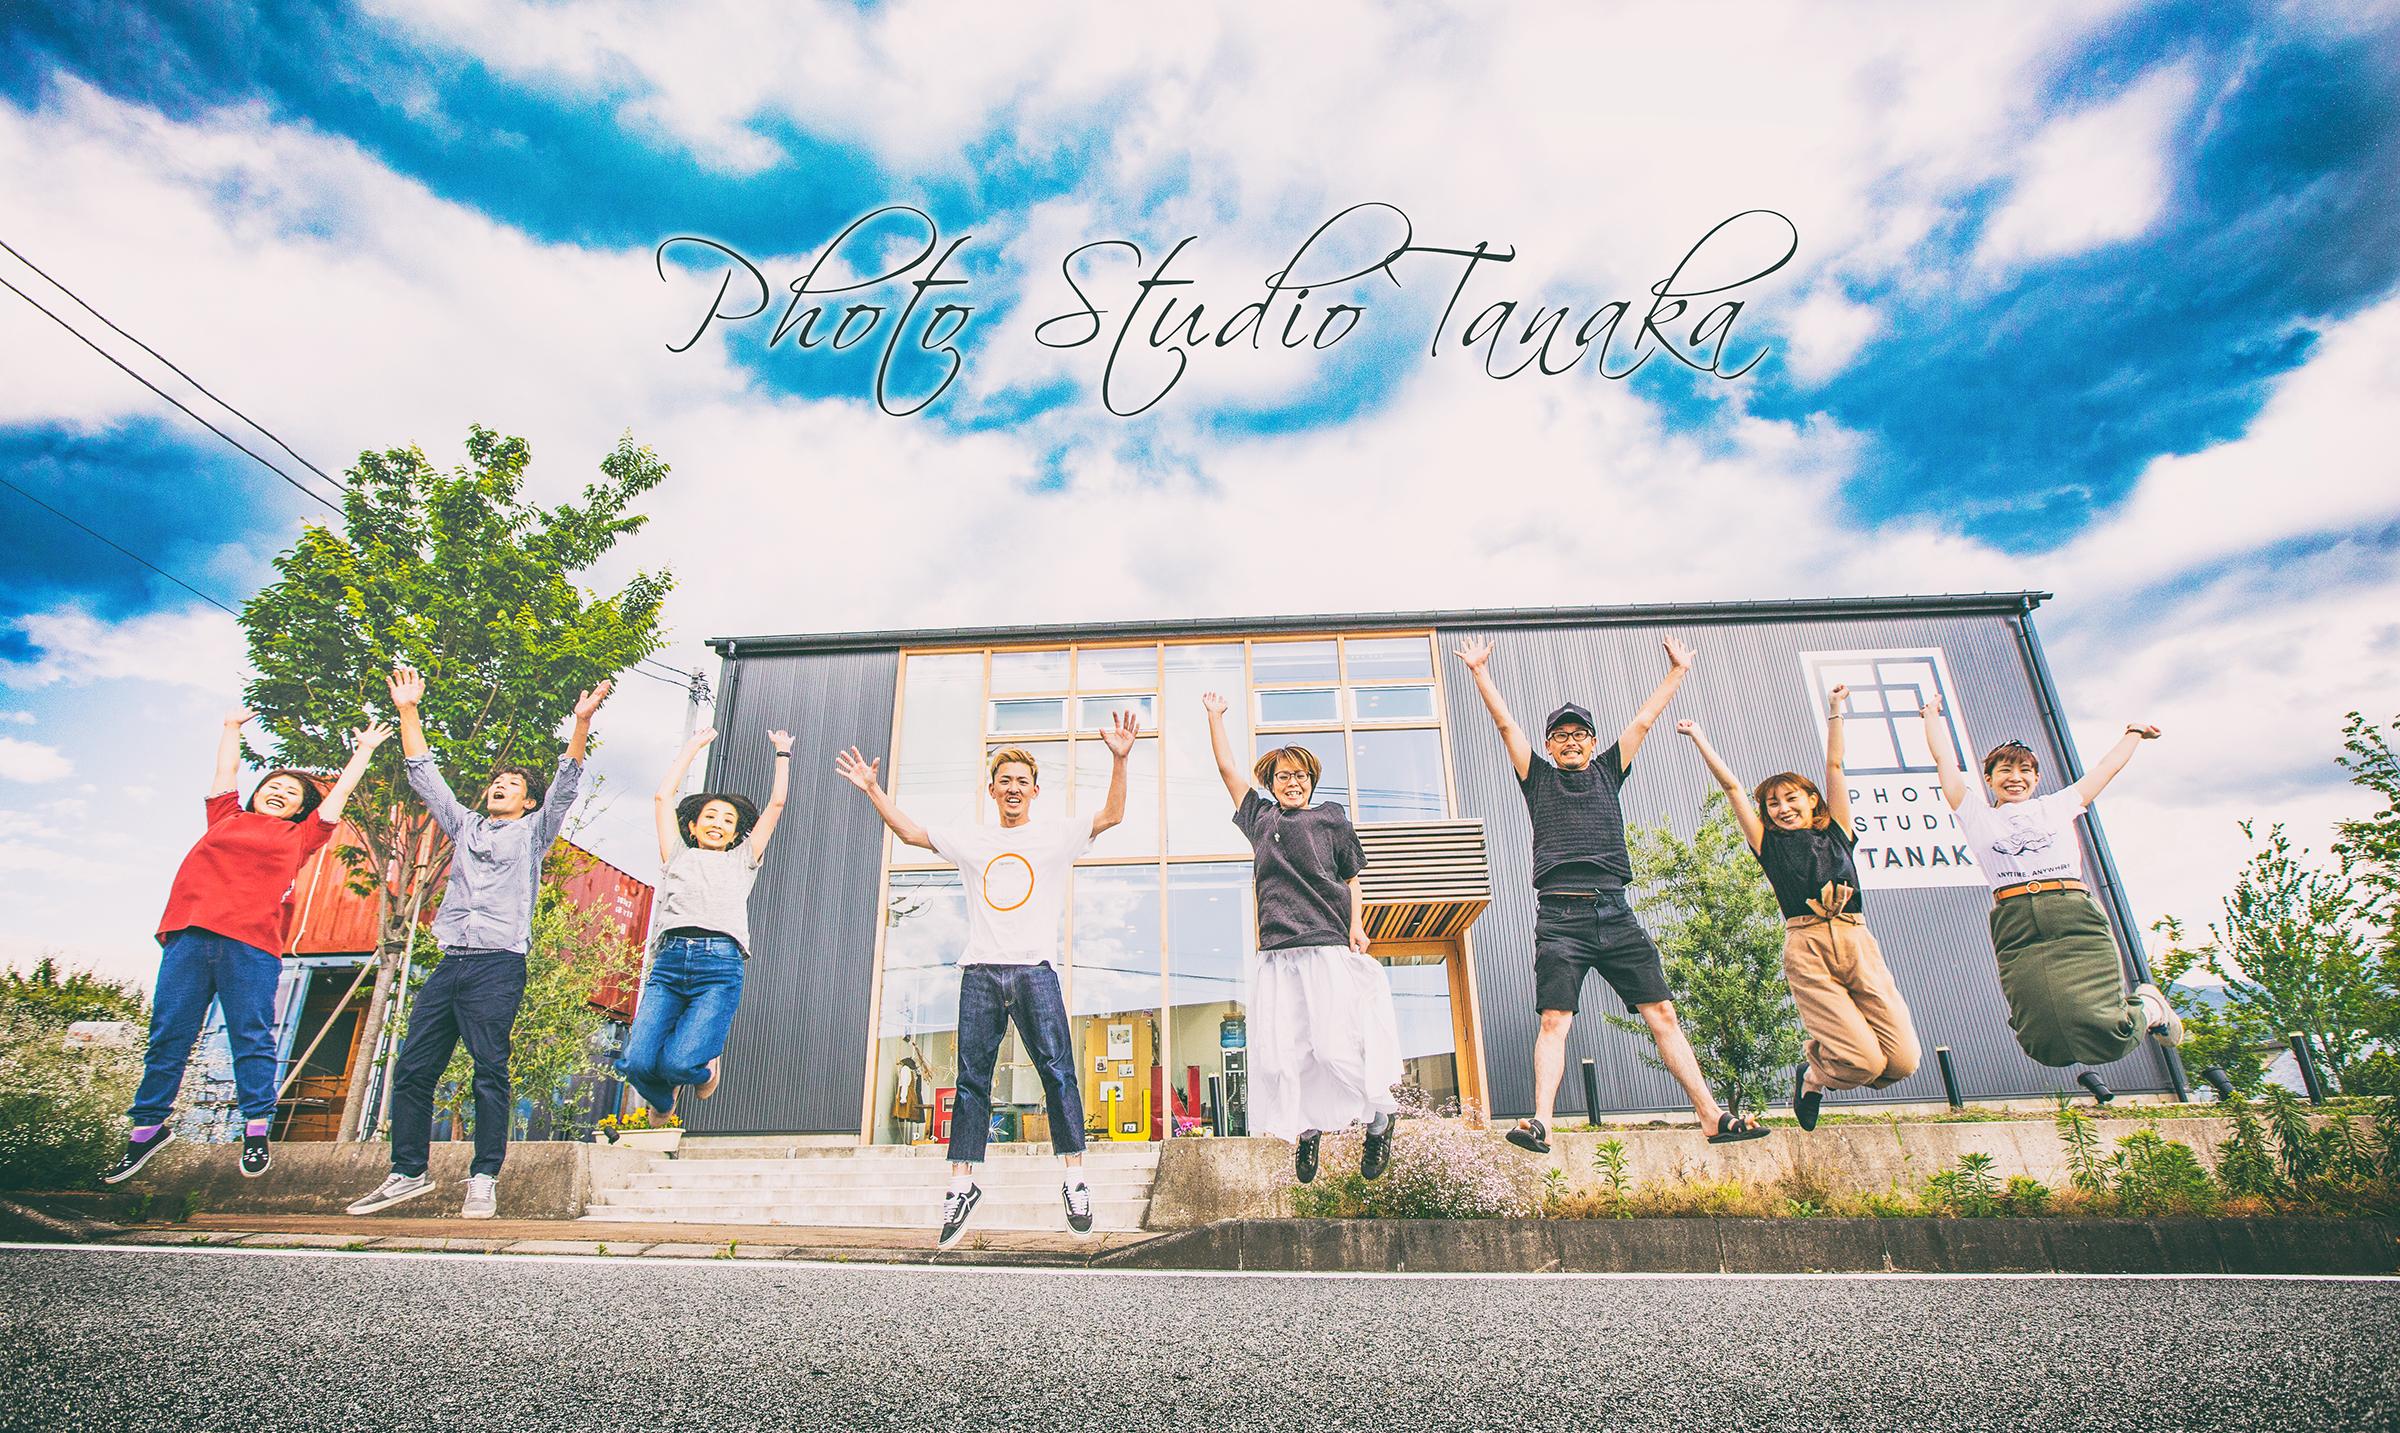 Photo Studio Tanaka